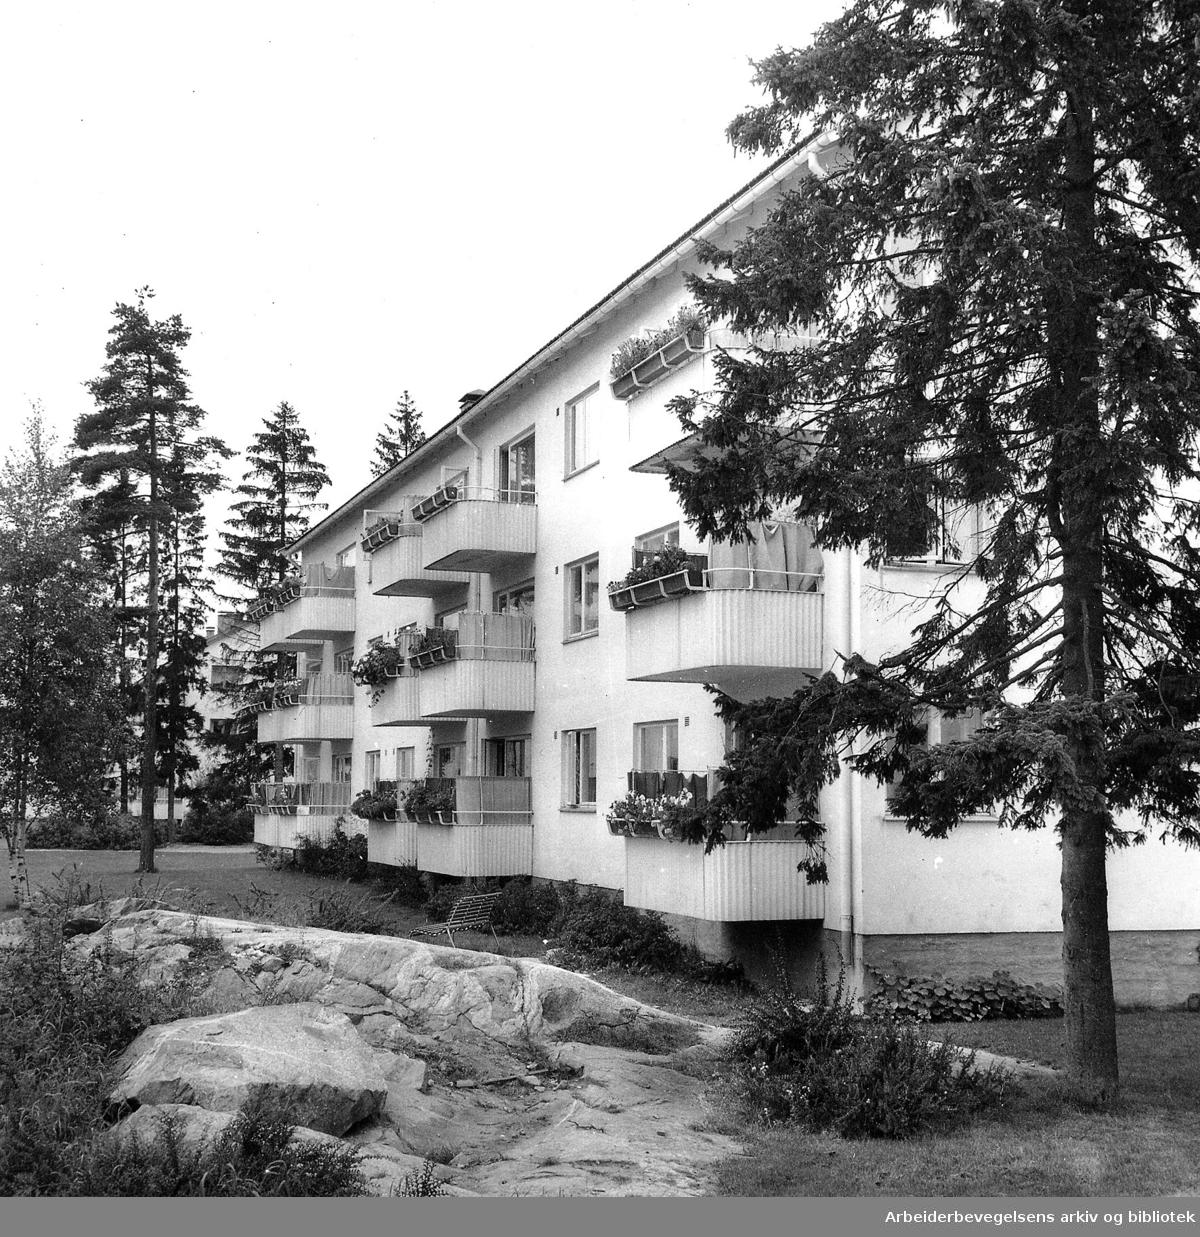 Boligblokk på Lambertseter,.september 1958.